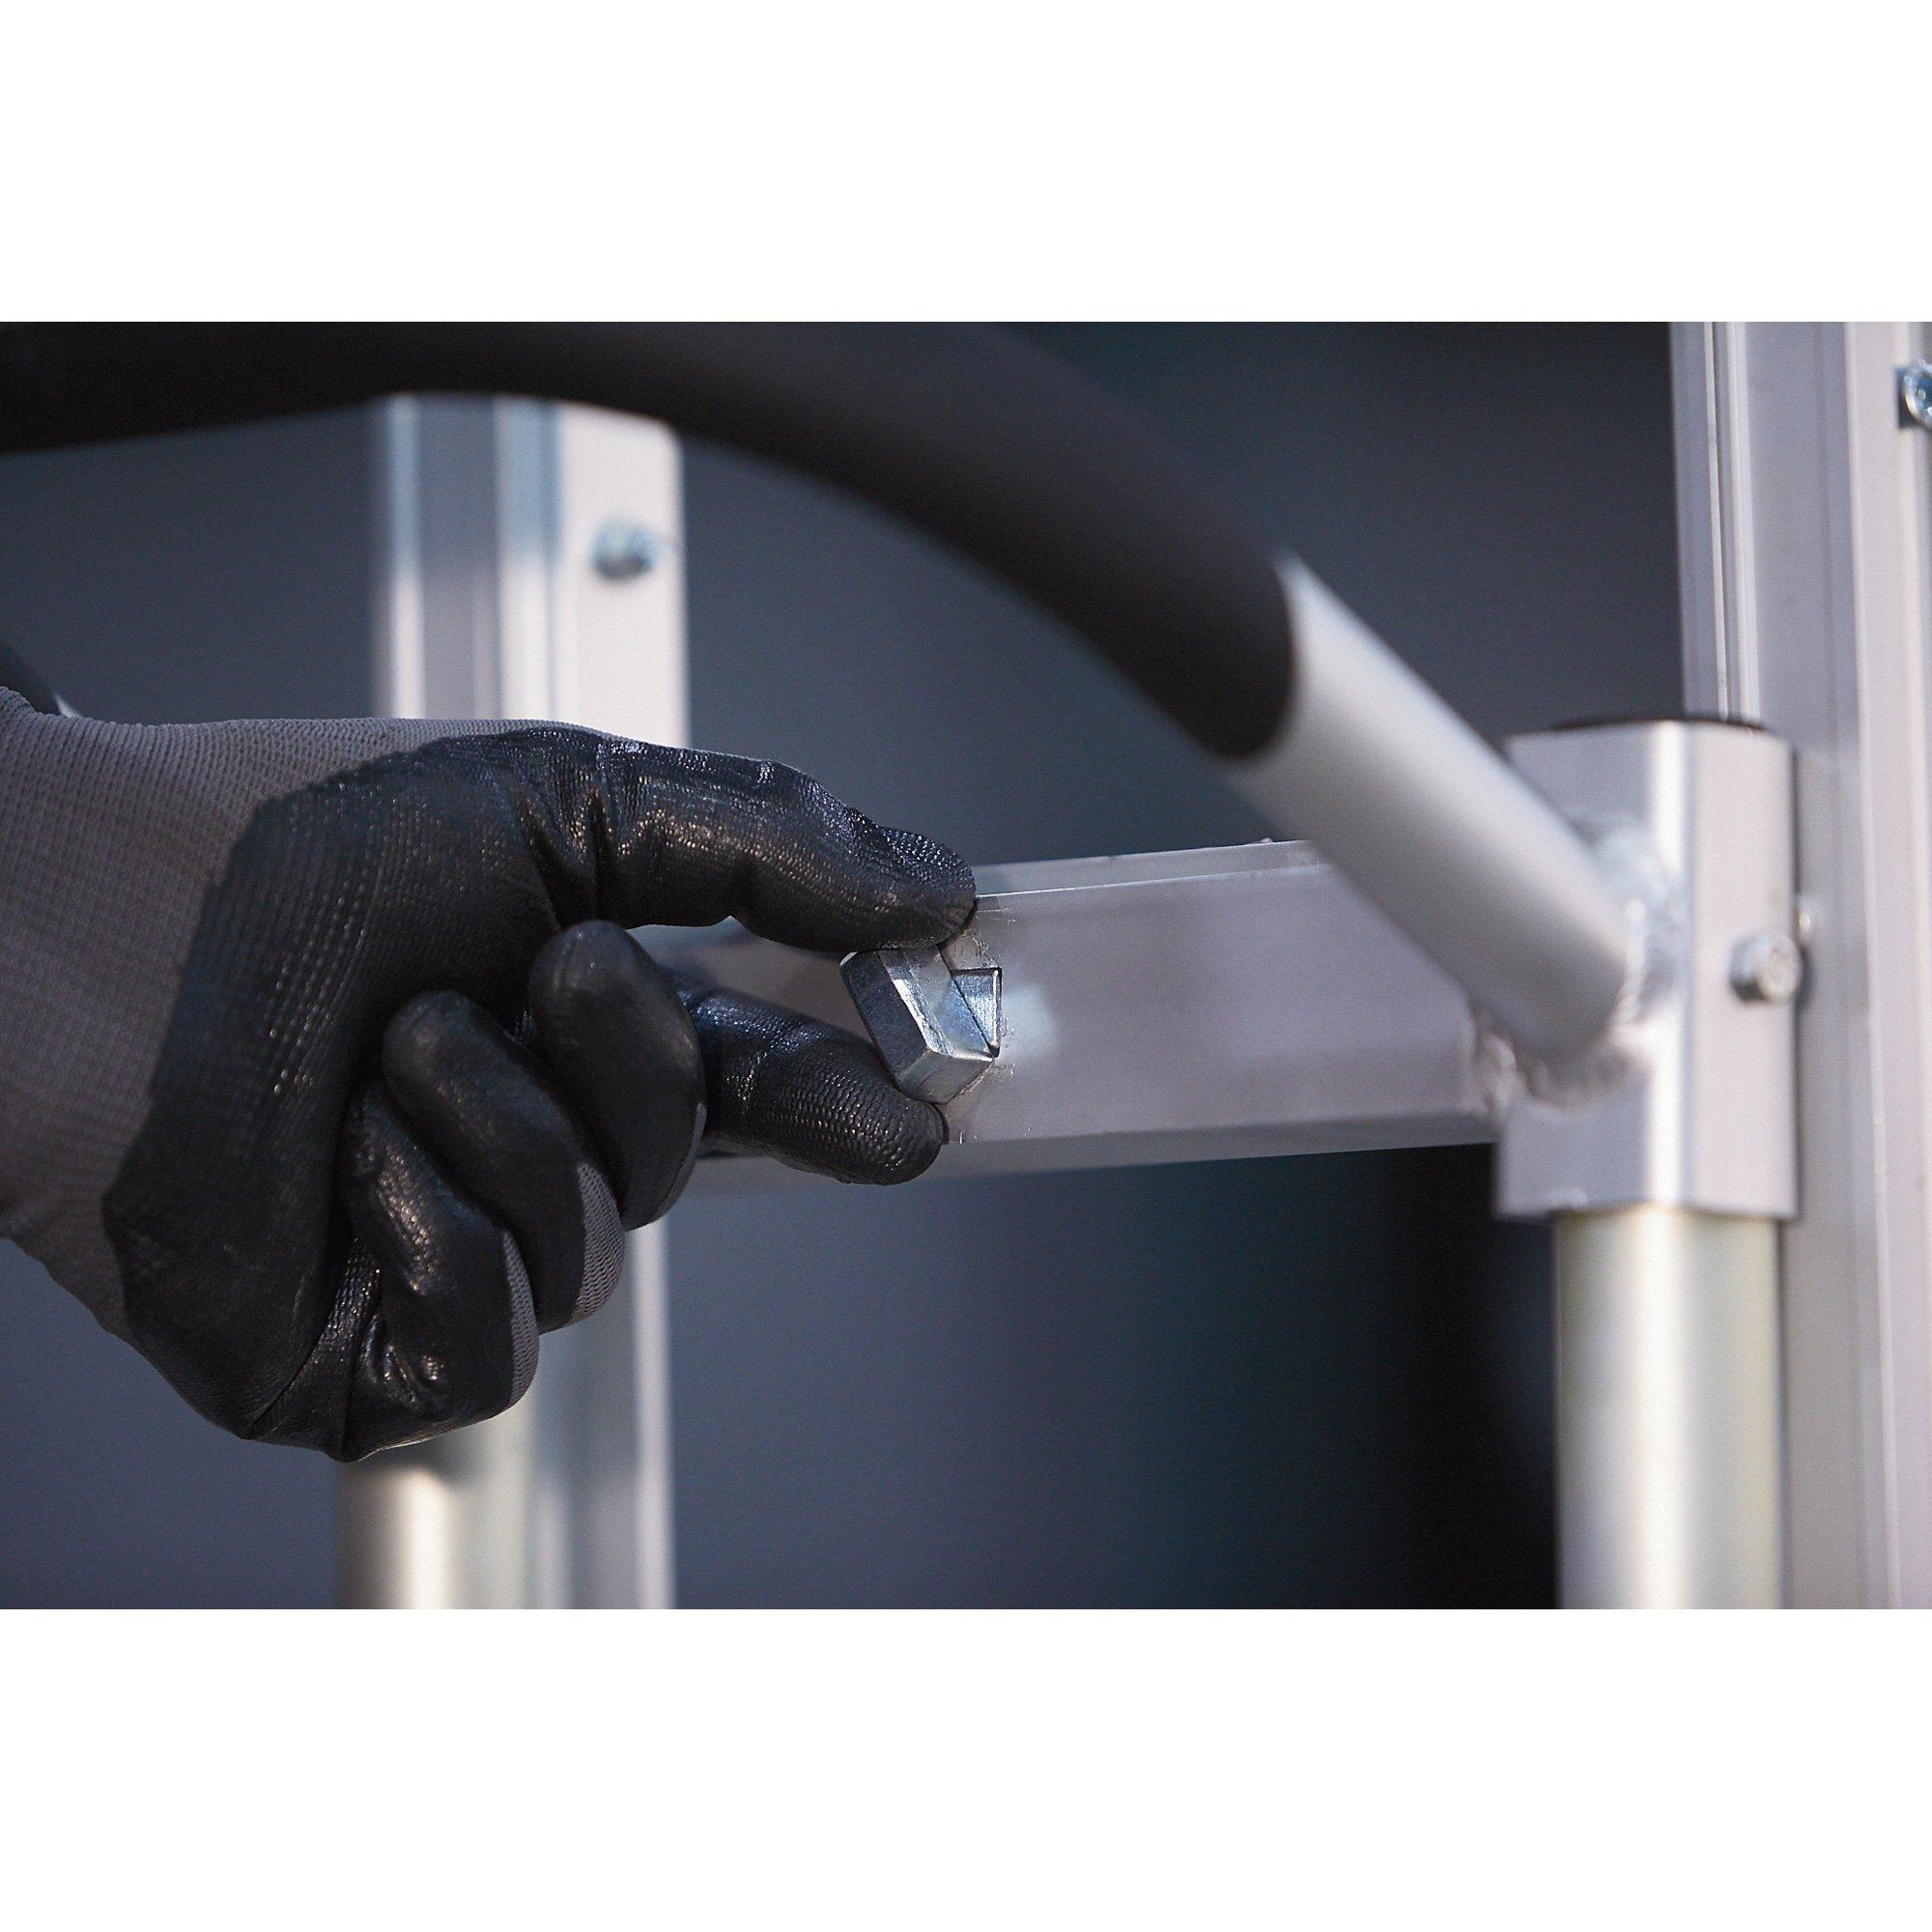 Roughneck Convertible 3-Position Hand/Platform Truck - Aluminum, 550-lb./770-Lb. Capacity